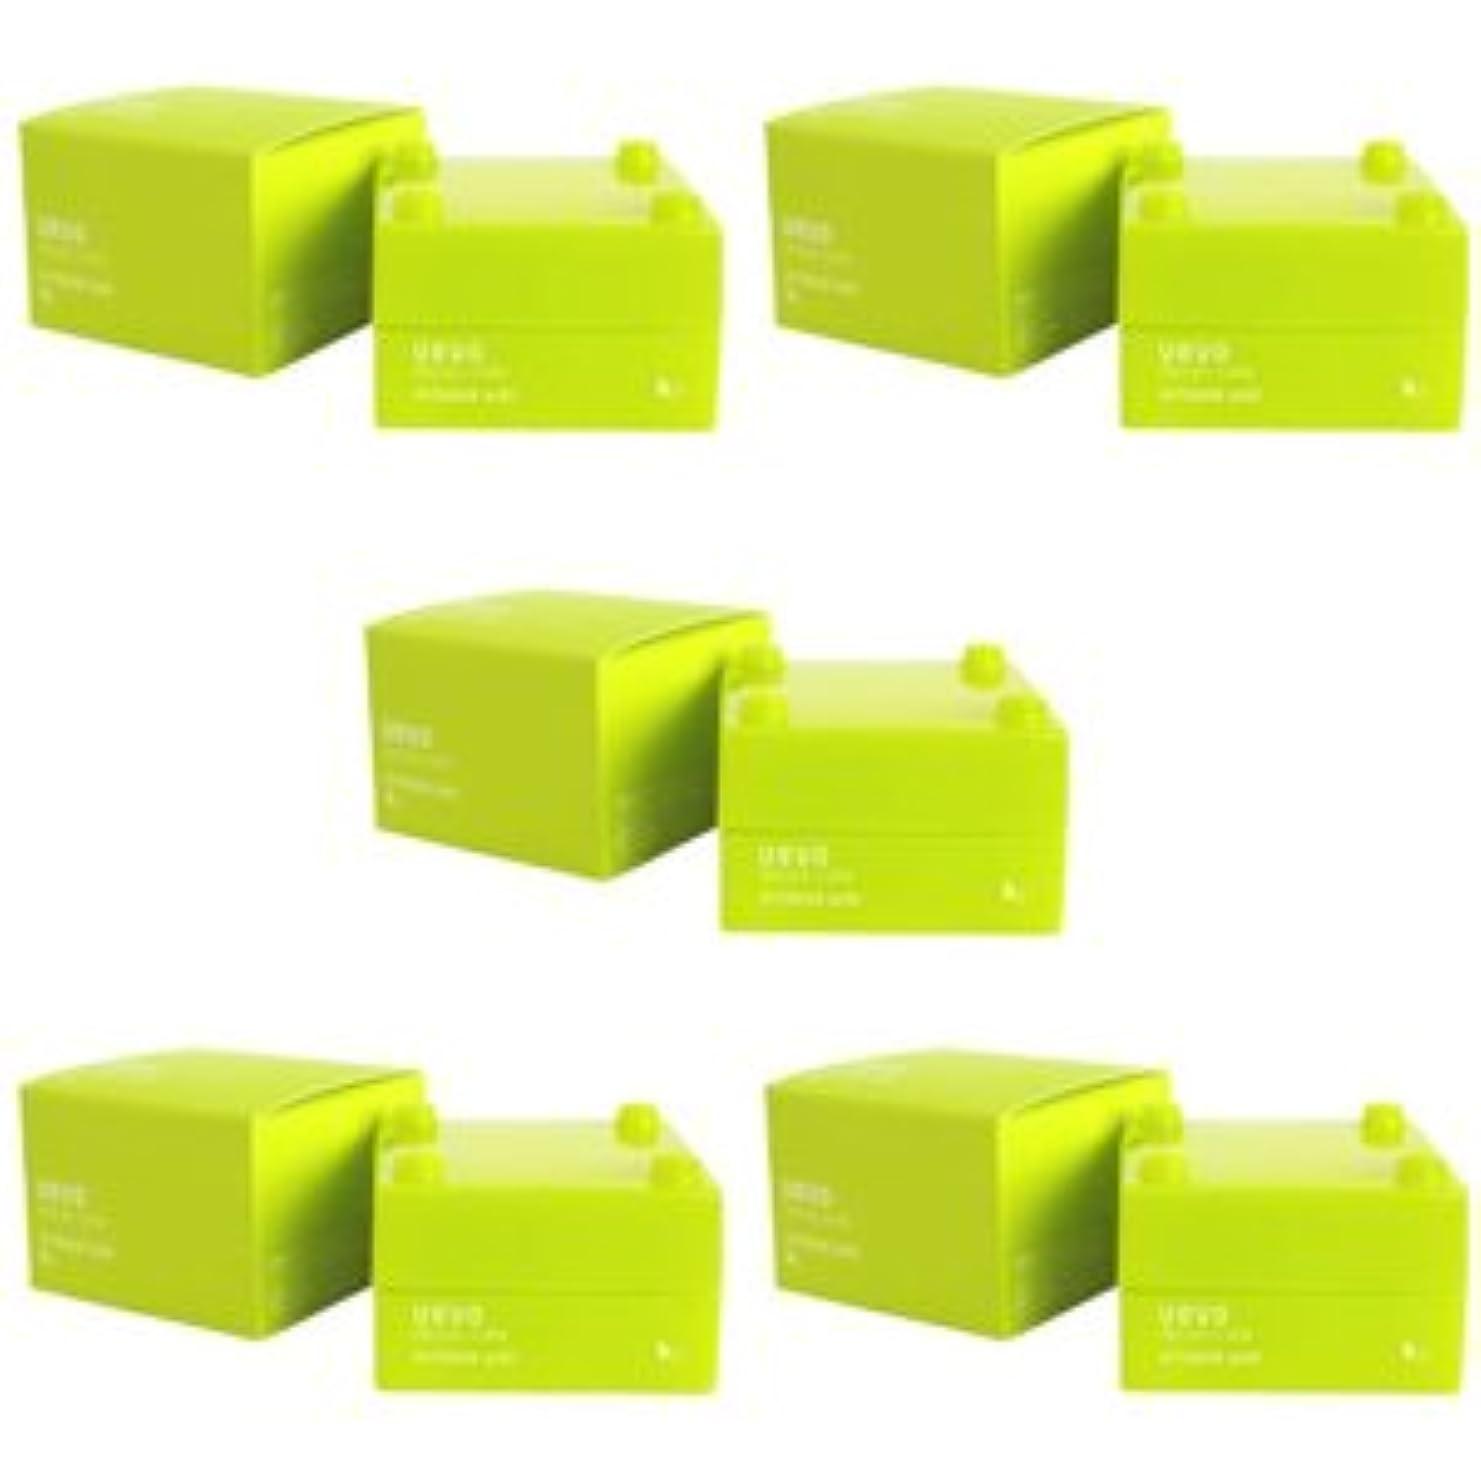 砦オールネーピア【X5個セット】 デミ ウェーボ デザインキューブ エアルーズワックス 30g airloose wax DEMI uevo design cube